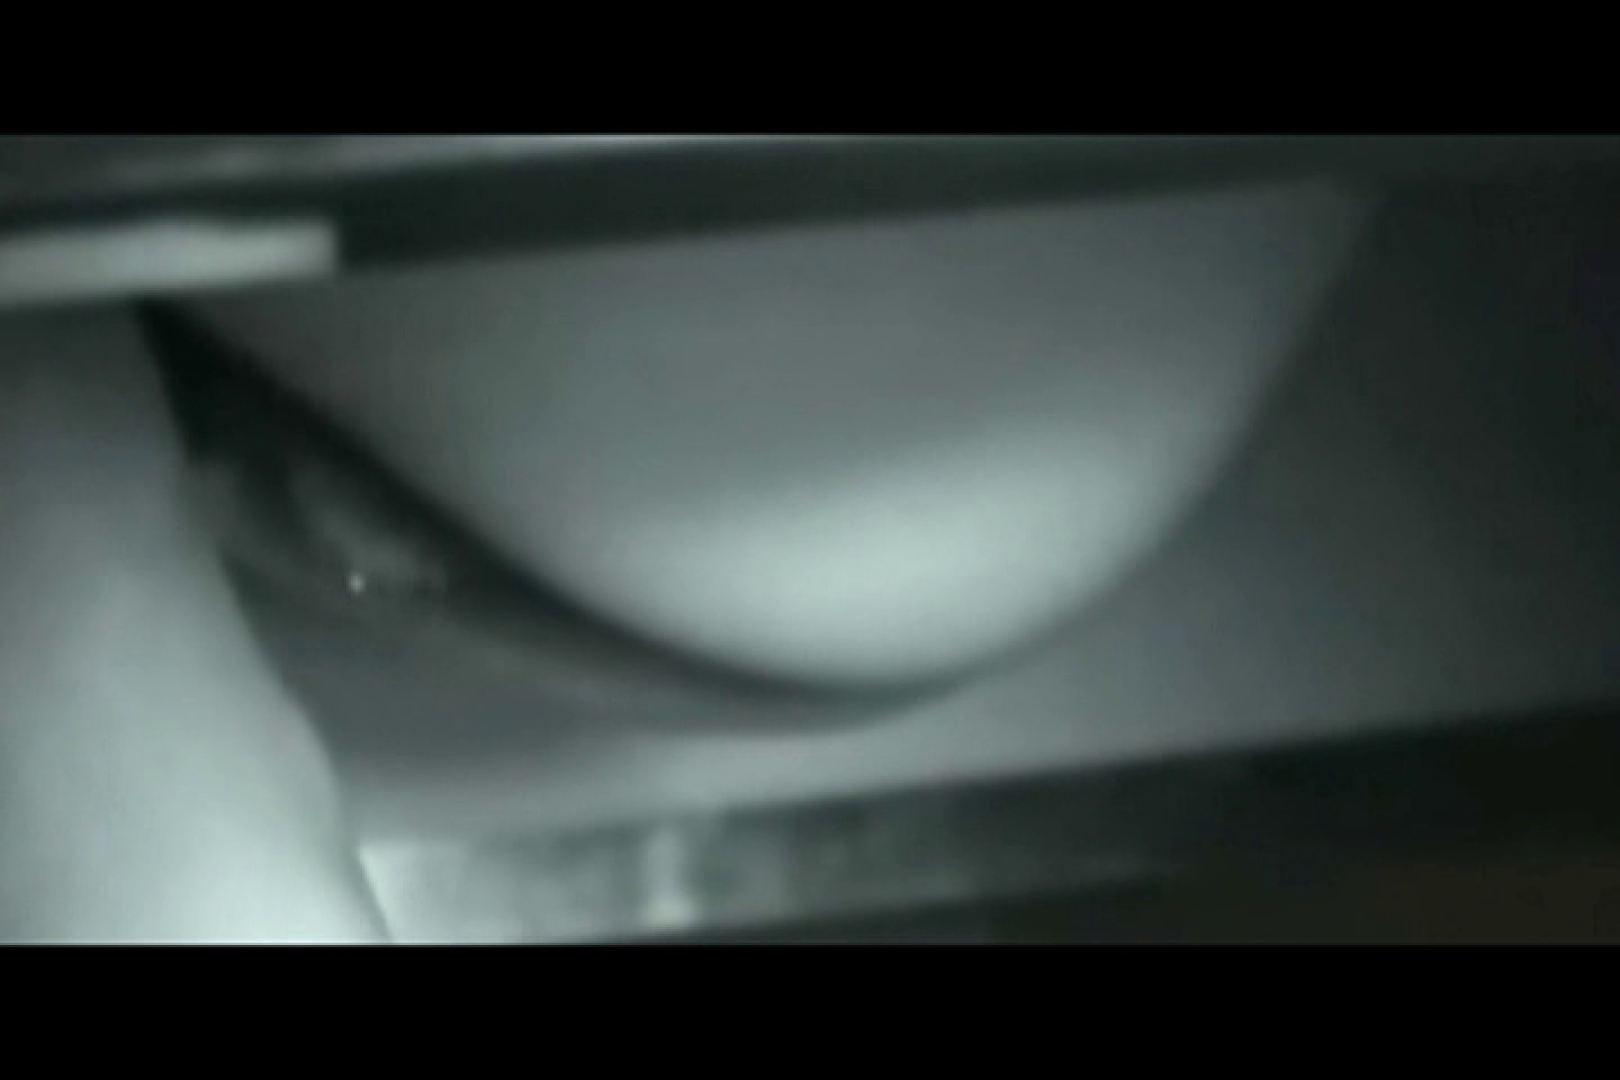 ぼっとん洗面所スペシャルVol.18 生おまんこ   OLエロ画像  63PICs 1